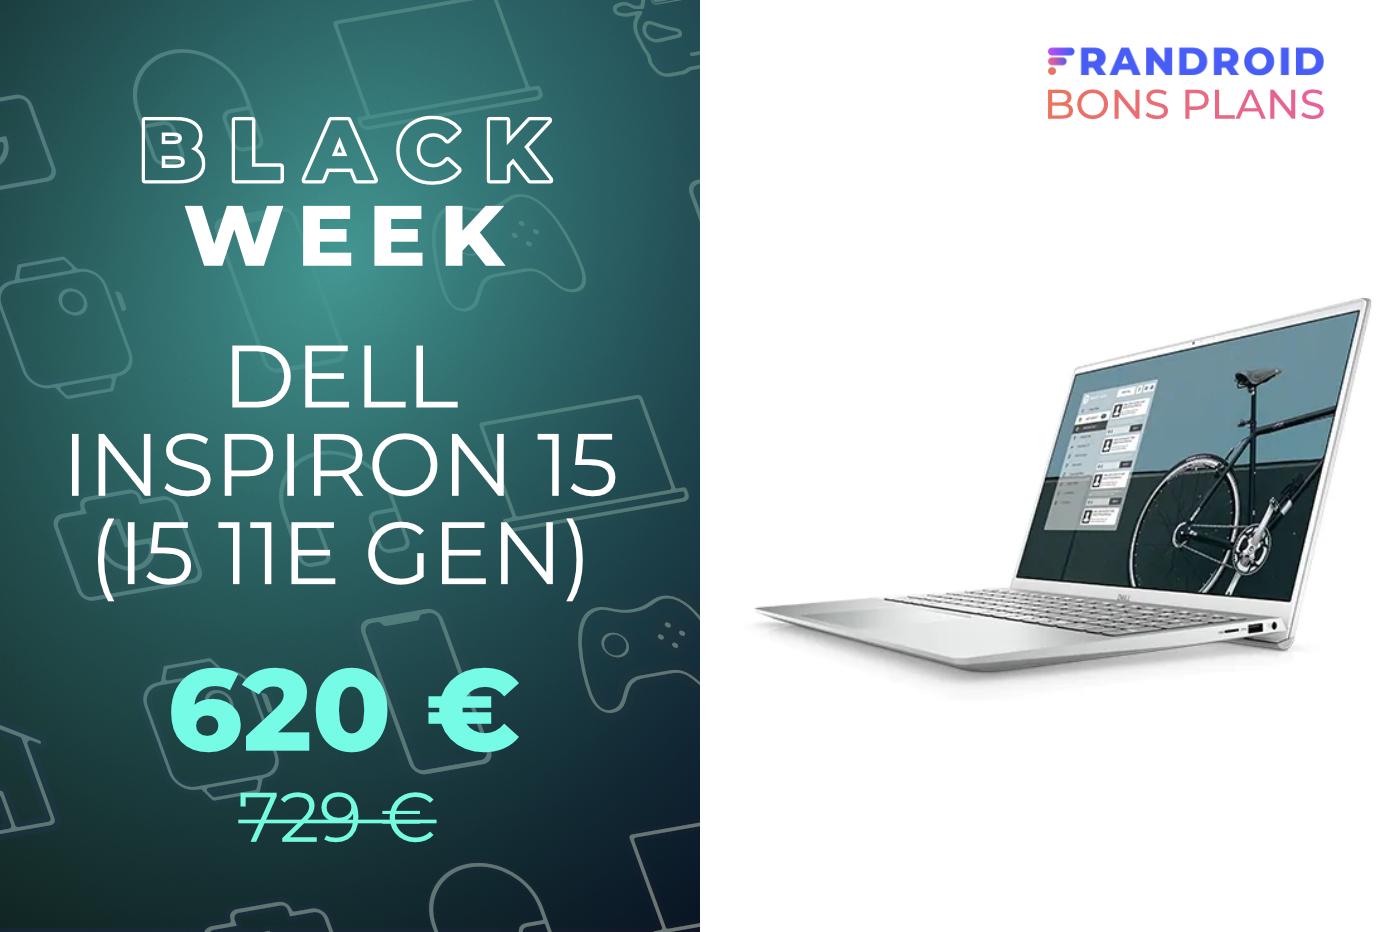 Ce PC portable équipé d'un i5 11e gen chute au bon prix de 620 euros